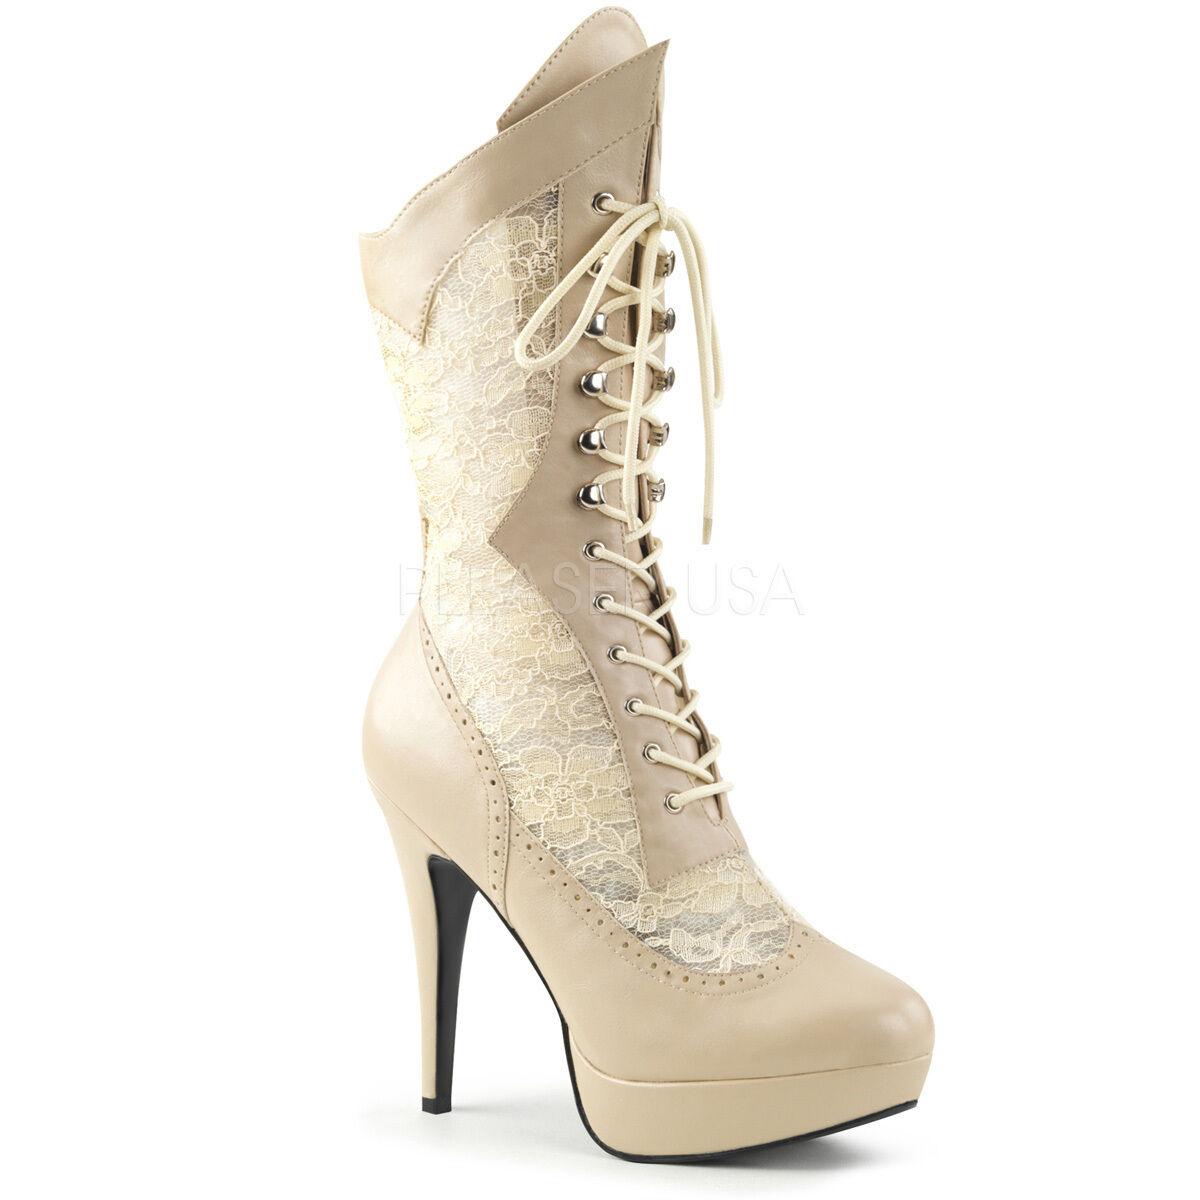 Chloe-115 Pleaser Damen High Heels extraweite Stiefeletten Übergrößen 43-47     6b1172